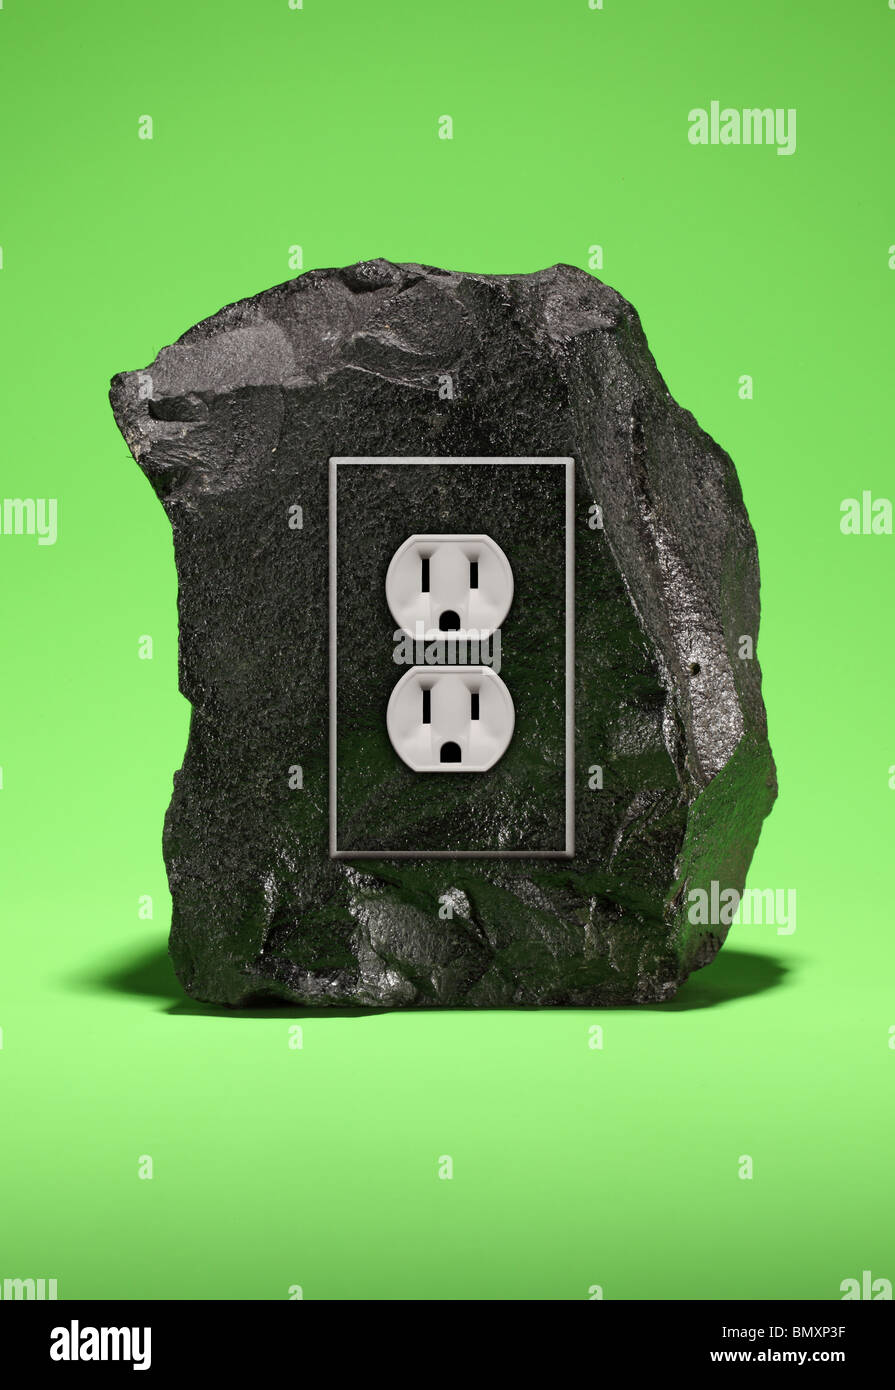 Un gran trozo de negro de carbón con un accesorio de salida de energía eléctrica en un fondo verde Imagen De Stock